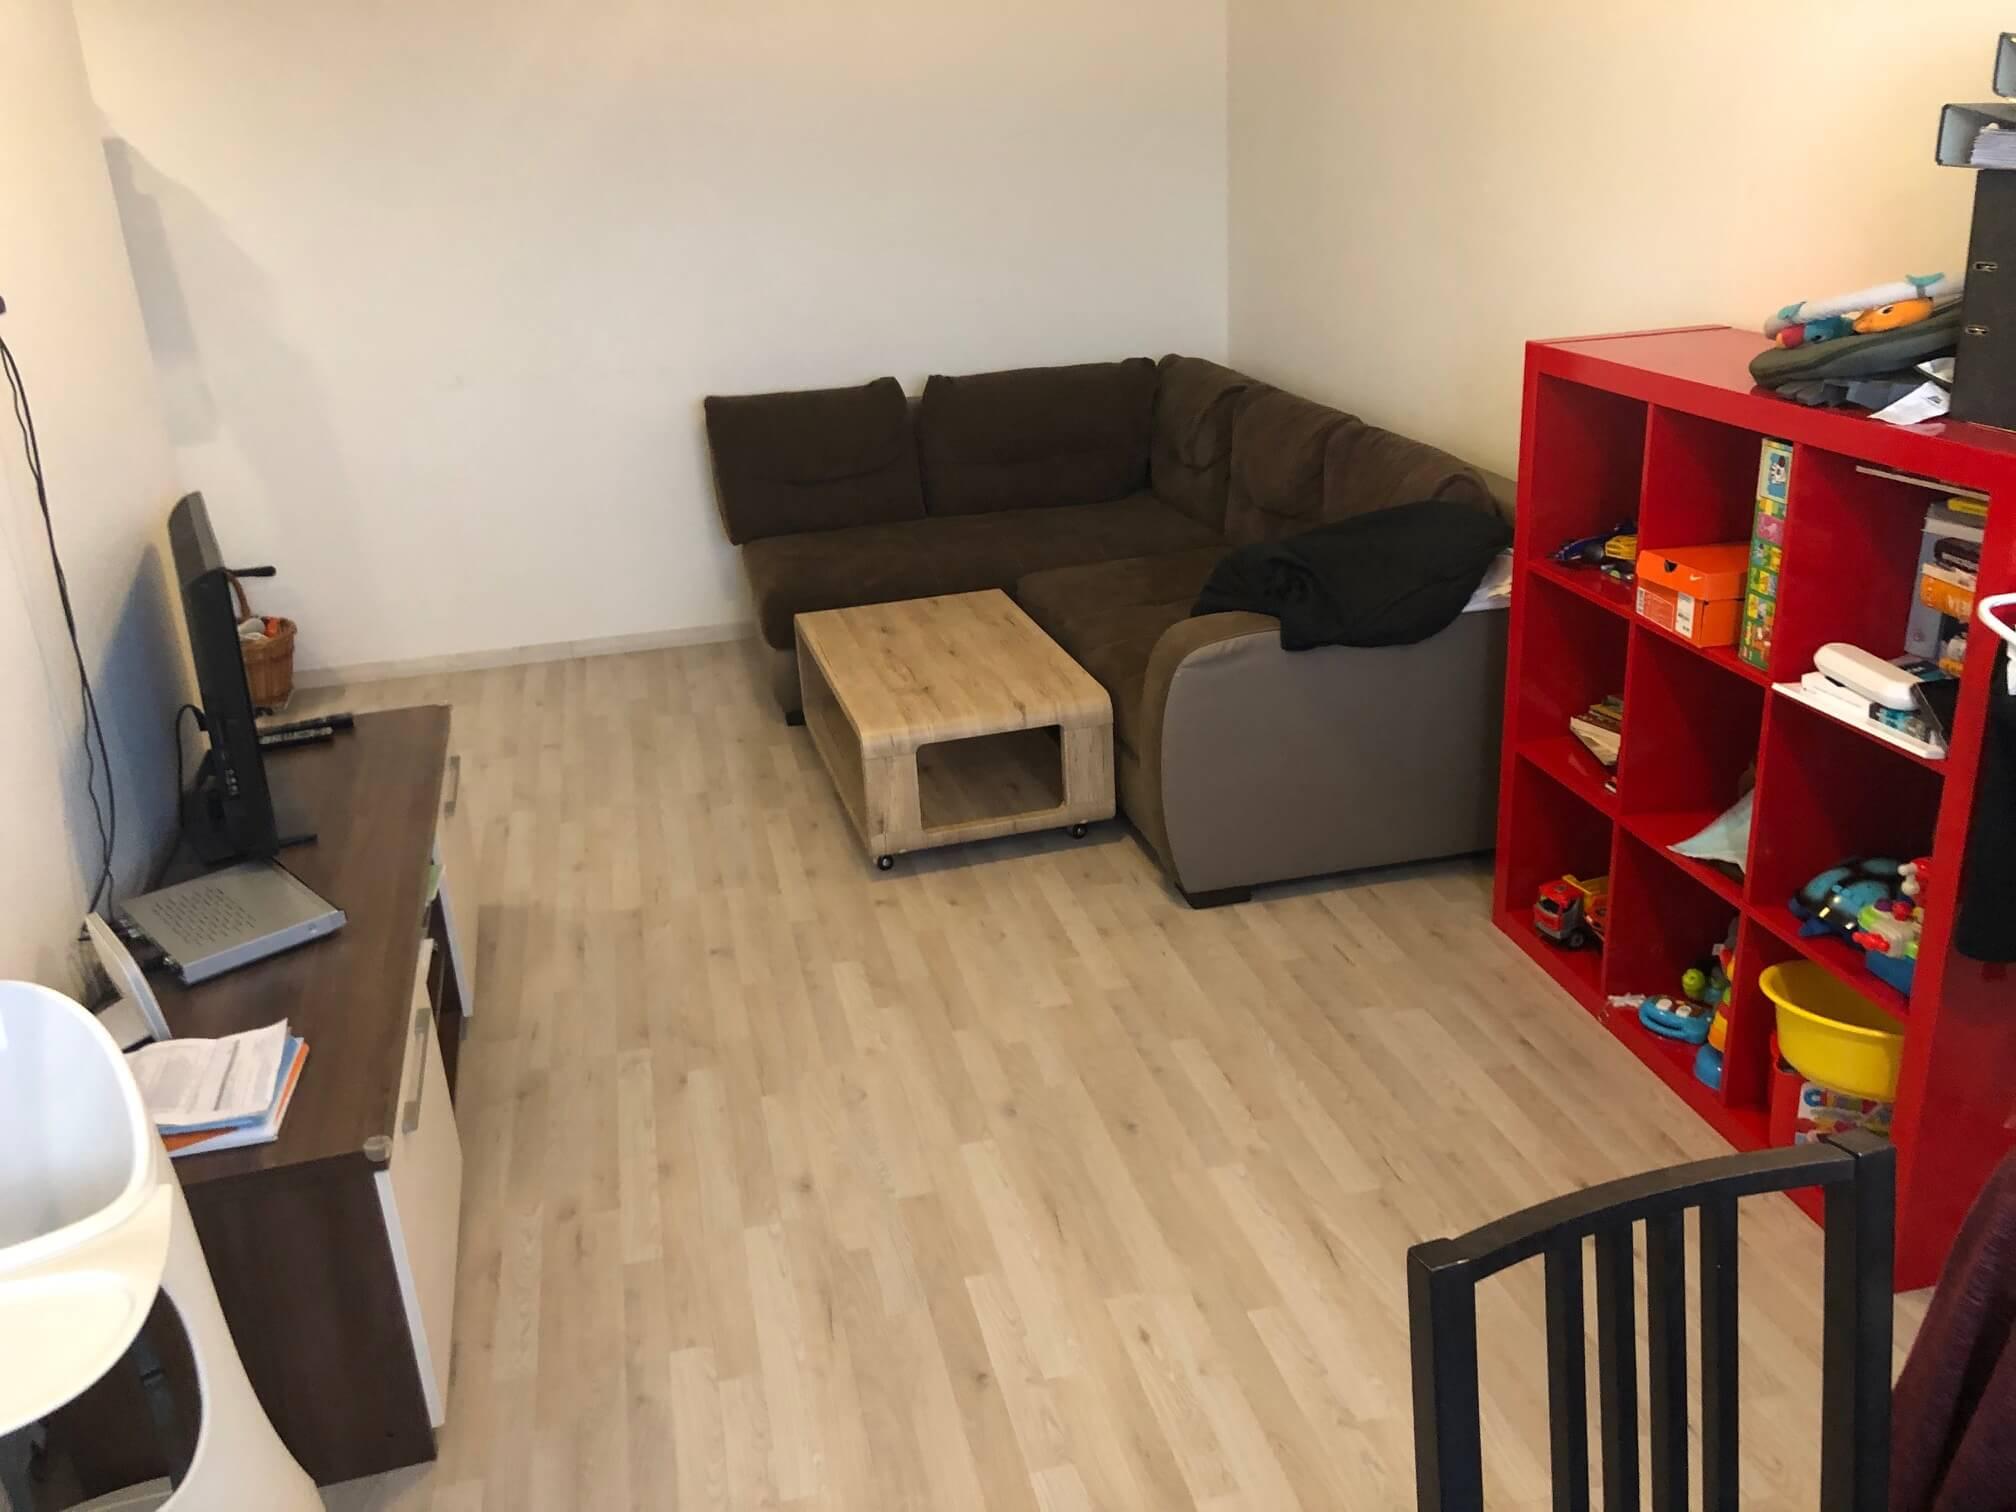 Prenajaté: Prenájom 2 izb. byt, Luxusne zariadeny, v tichej lokalite, Brnianska 4, nad Farbičkou, Malacky,-0